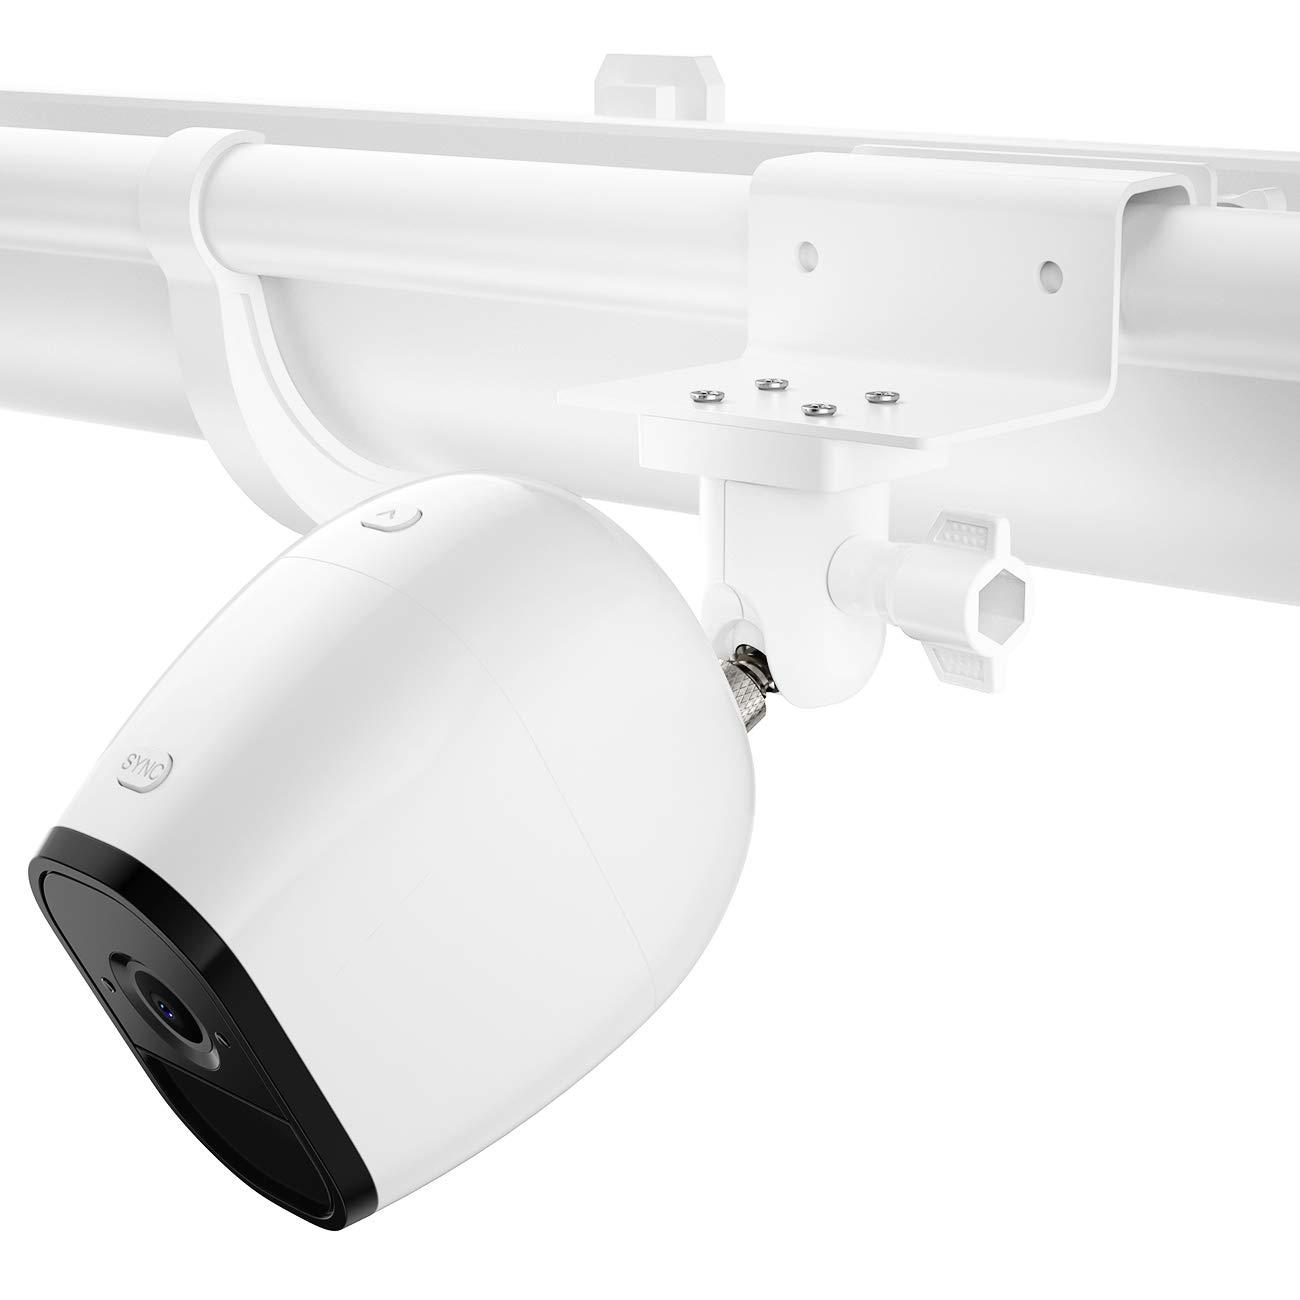 Arlo HD//Arlo GO//Arlo Ultra Kamera Wandhalterung Pro2 Dachrinnenhalterung Outdoor Halterung f/ür f/ür Arlo Pro LUXACURY Arlo Pro Pro2 Dach Dachrinnen Halterung /Überwachungskamera wetterfest